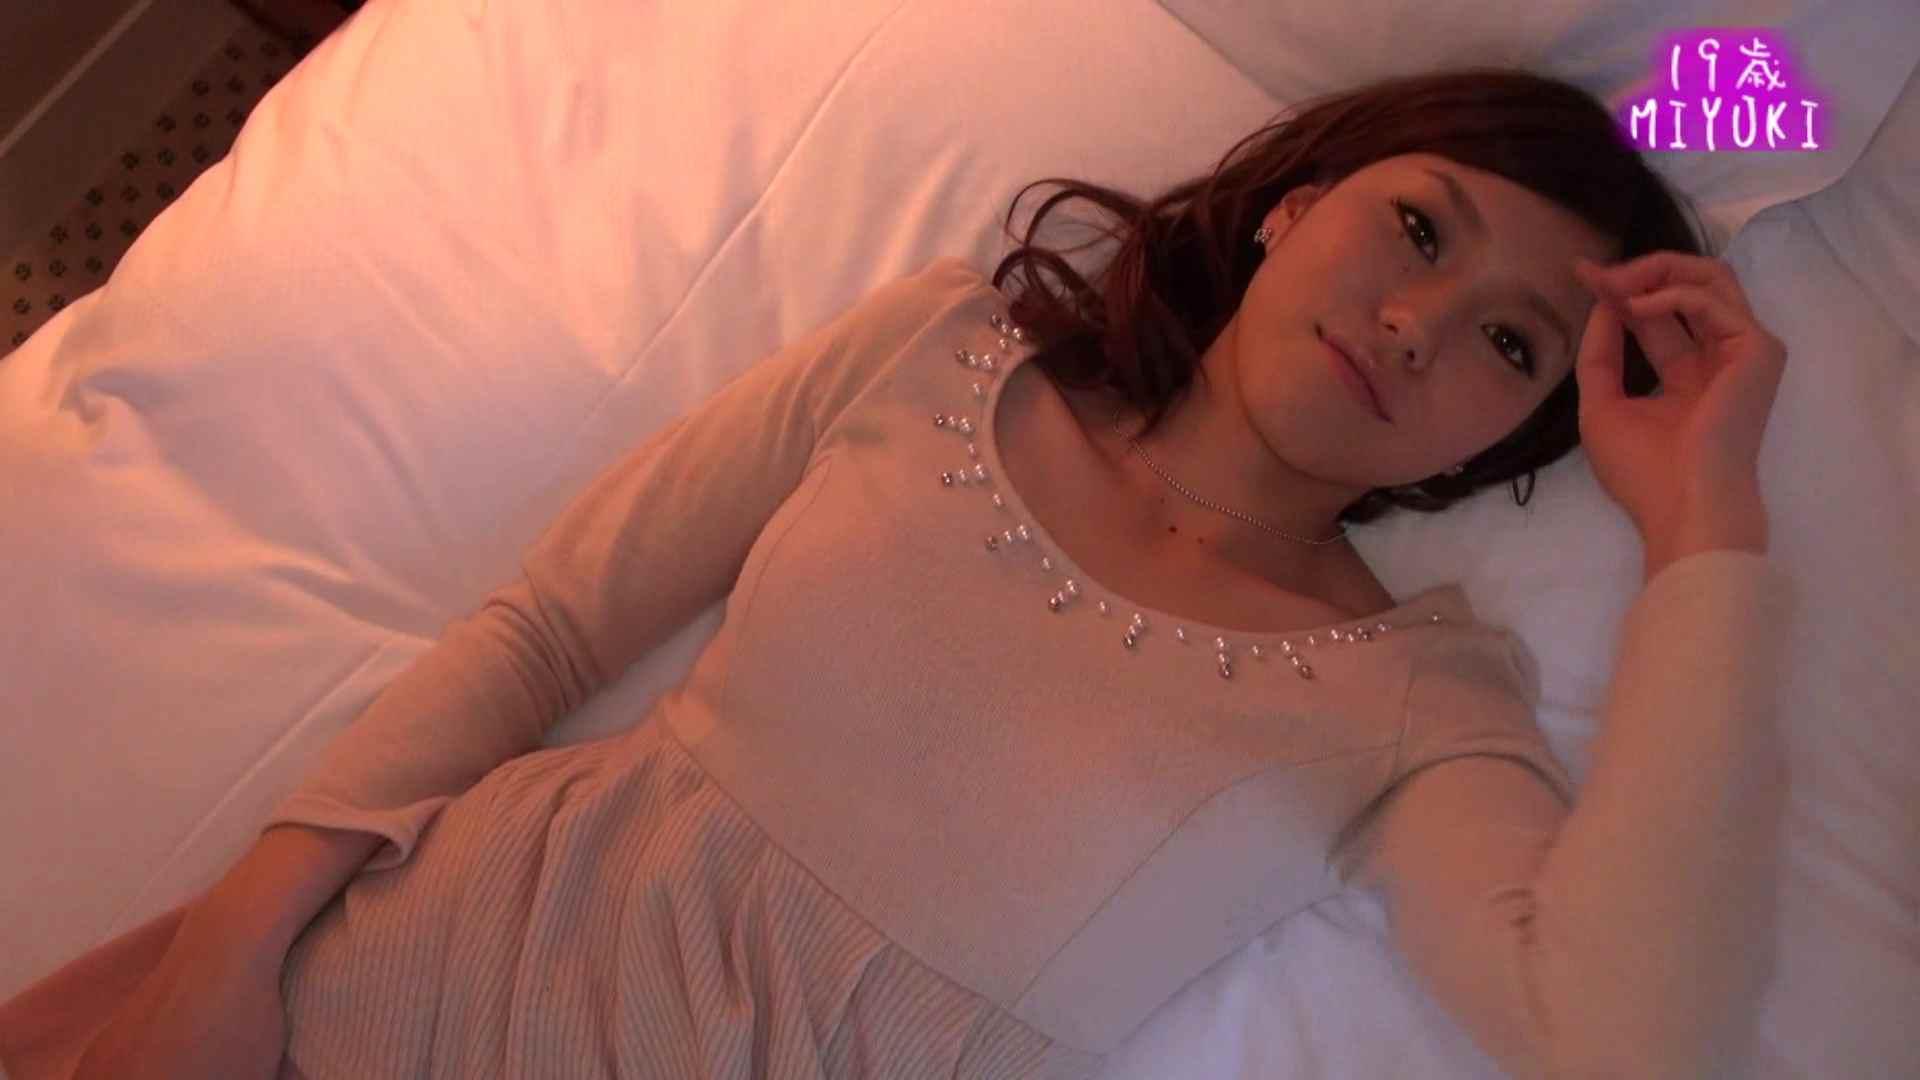 カメラテストを兼ねて、MIYUKIちゃんのイメージ撮影 素人流出動画   メーカー直接買い取り  83枚 63